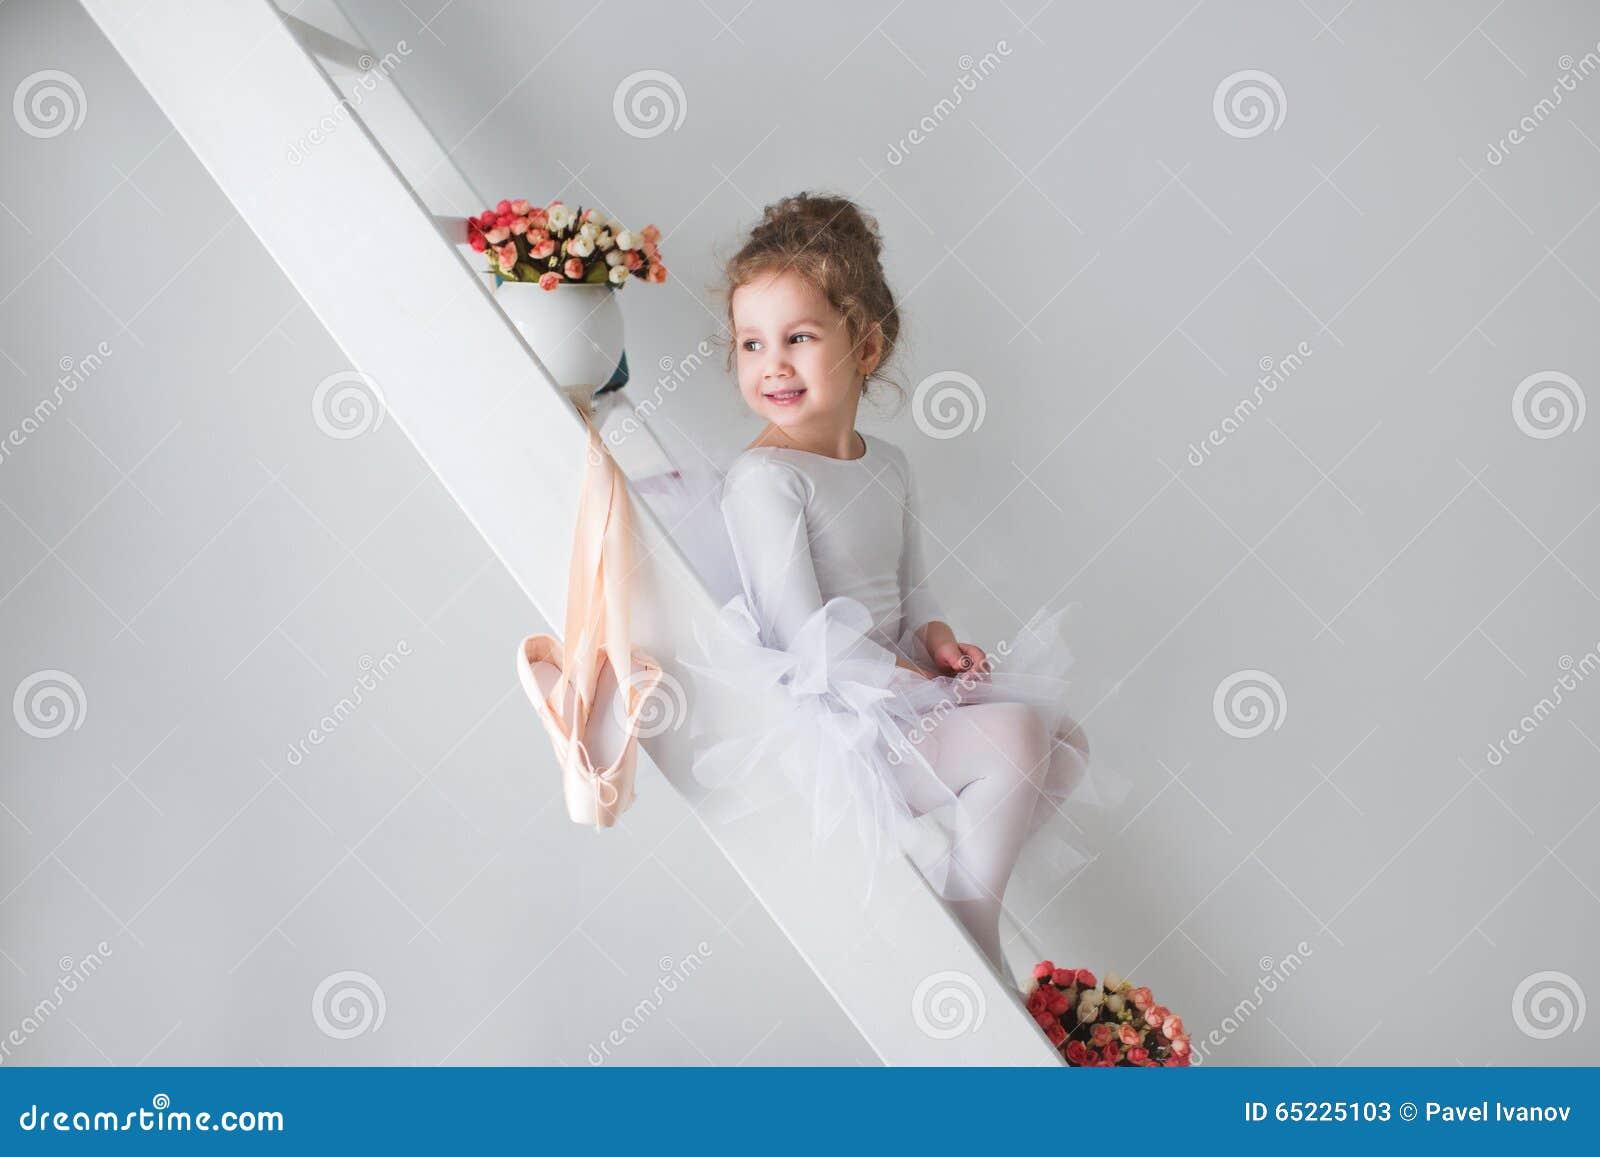 Kleine entzückende junge Ballerina in einer spielerischen Stimmung